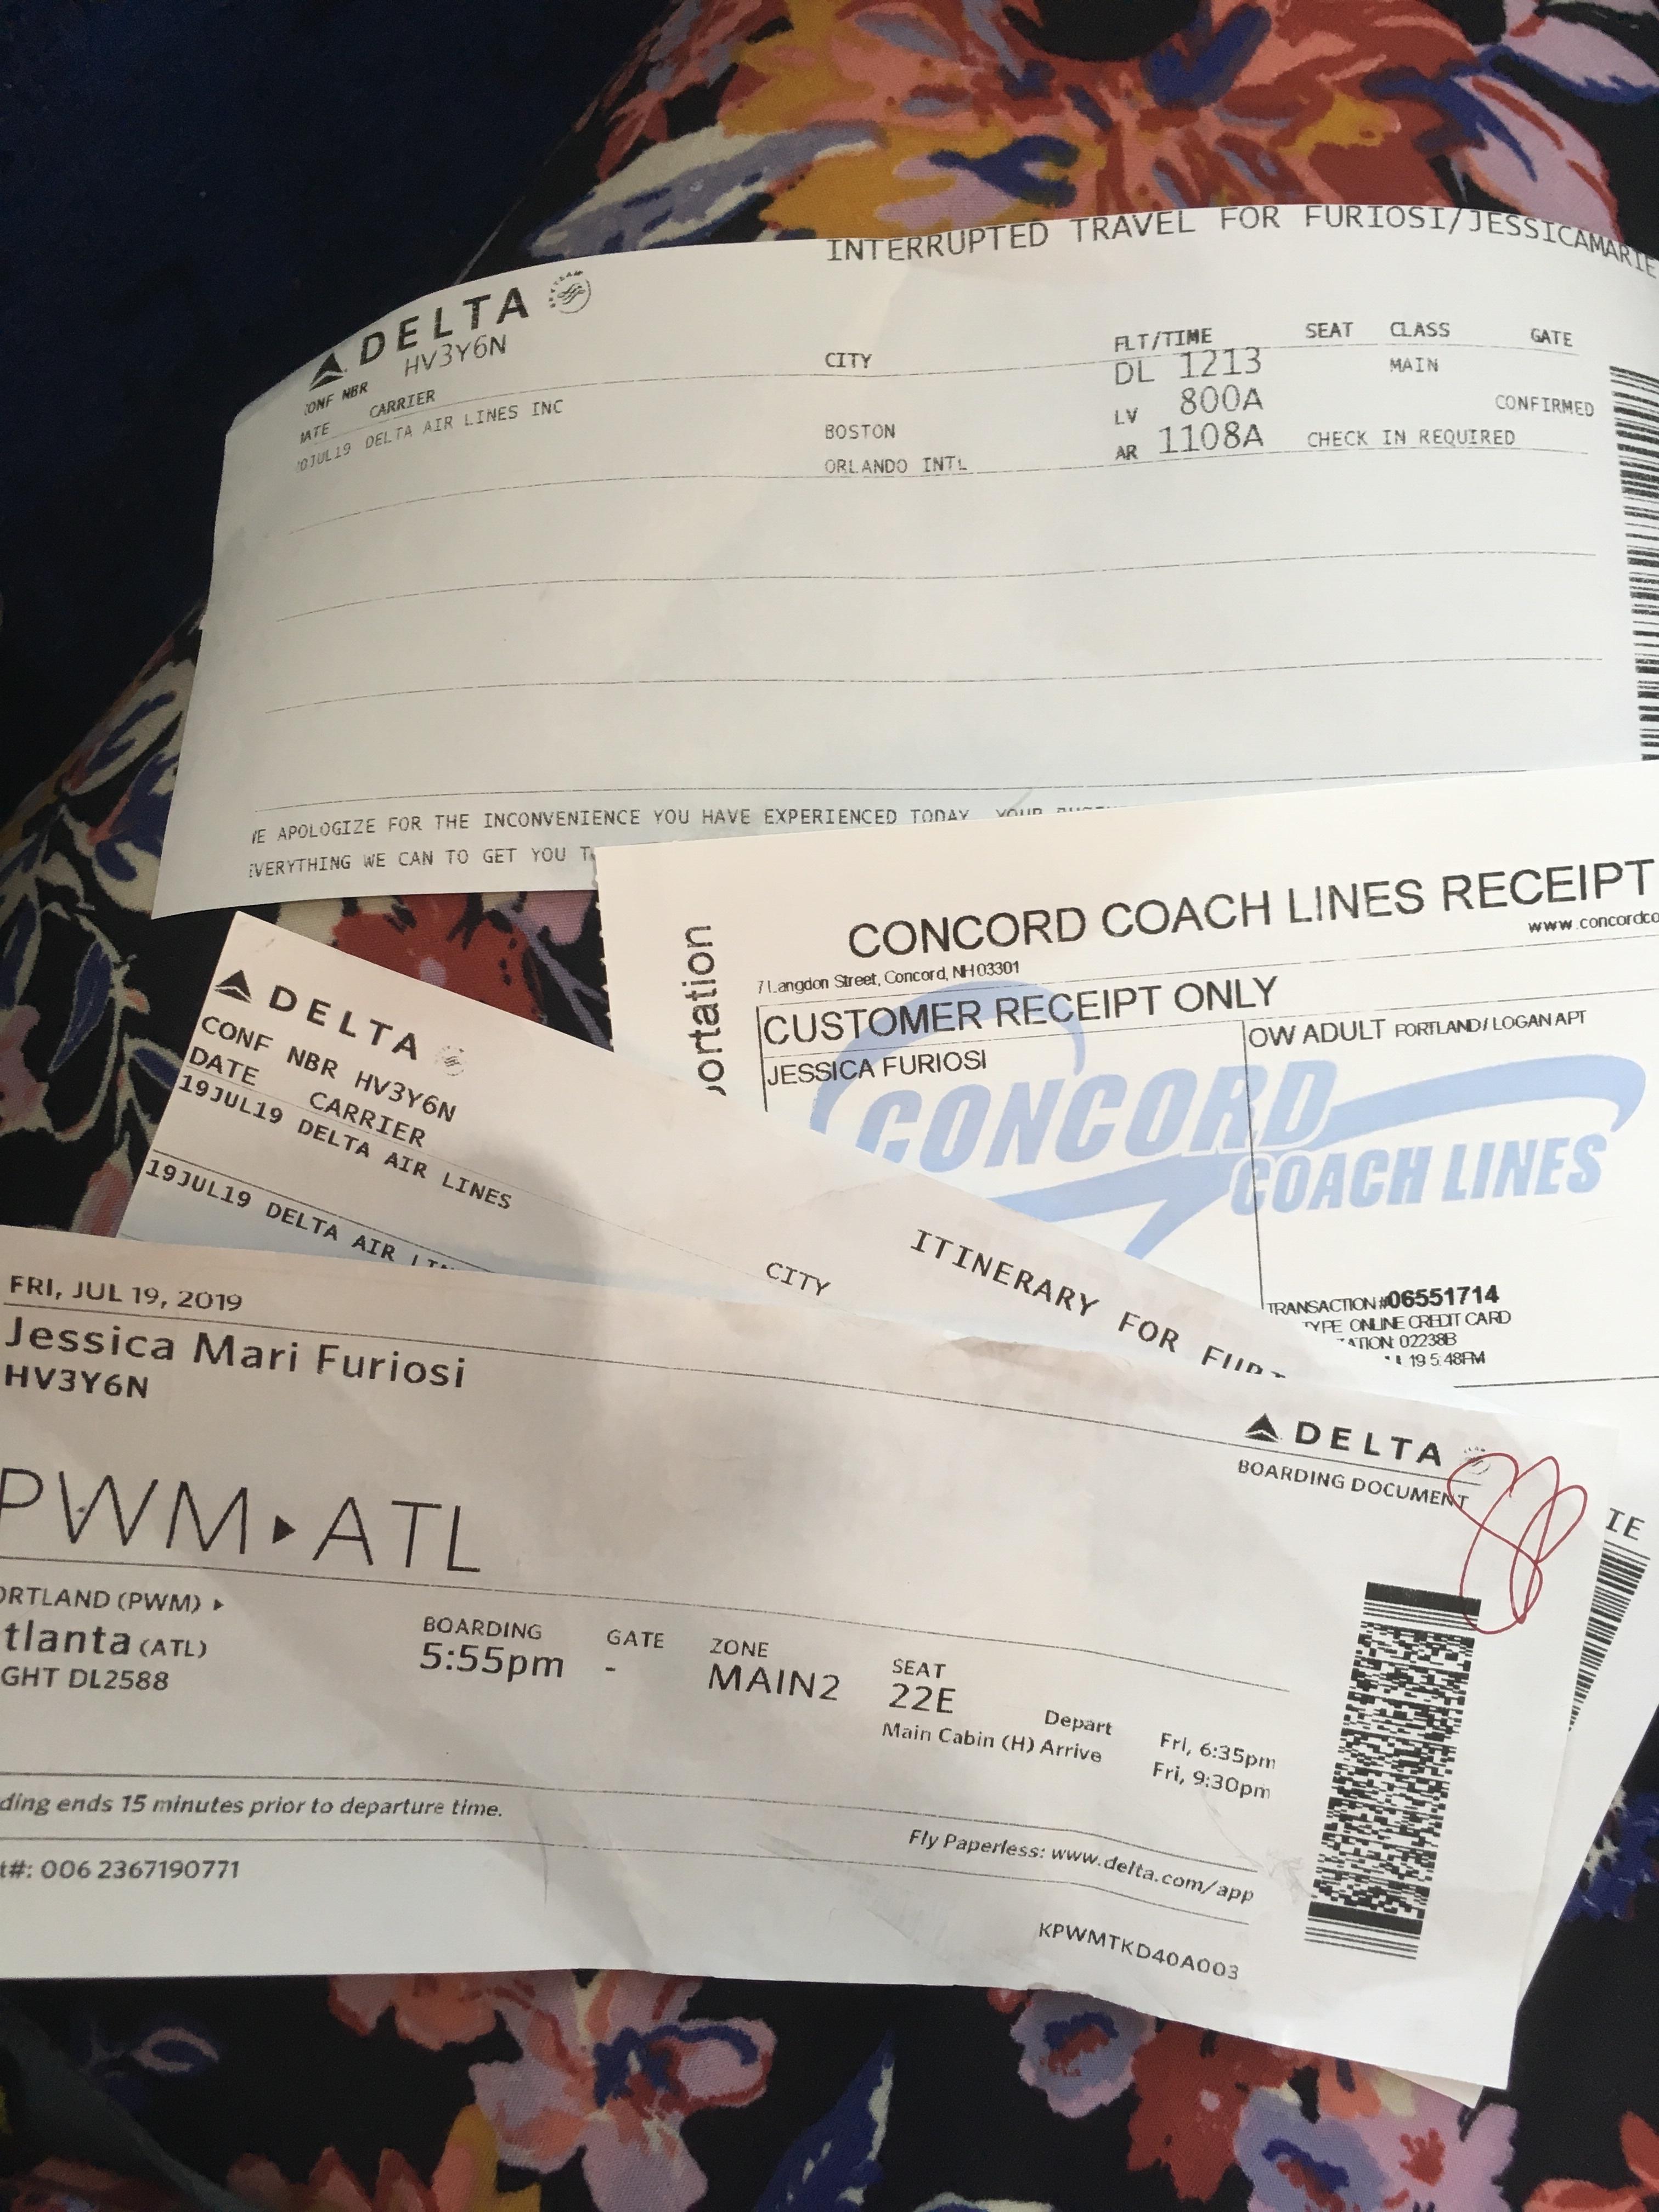 Delta travel docs